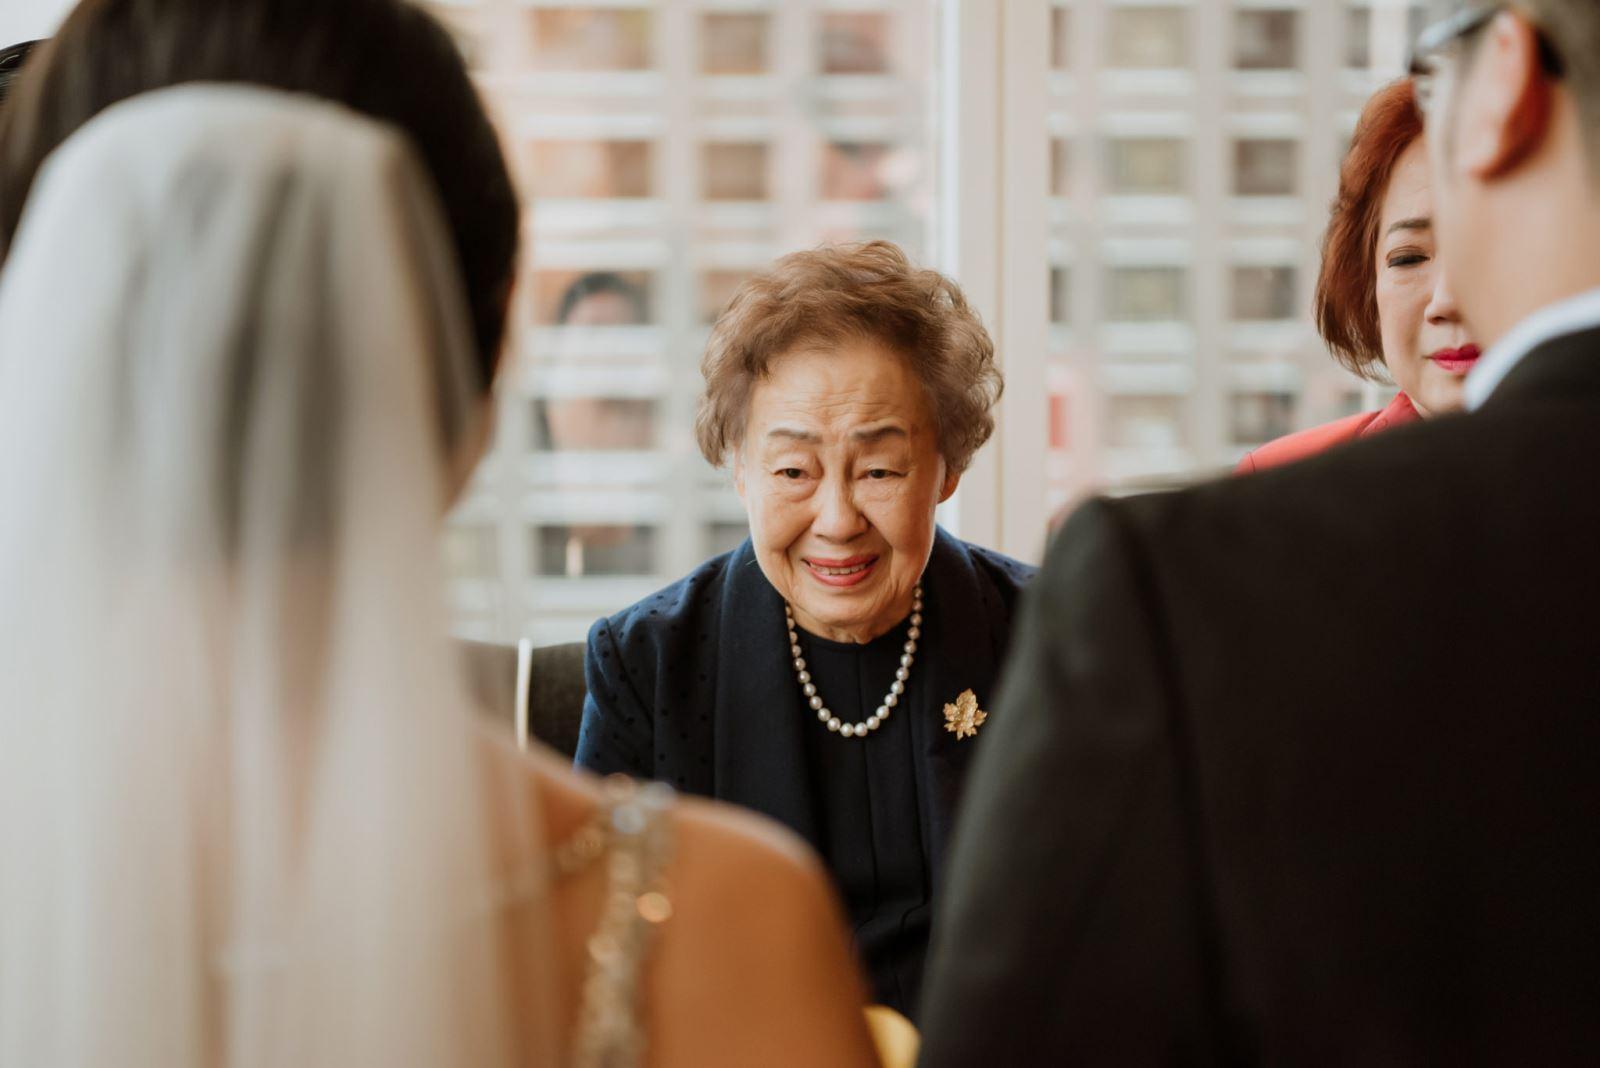 奶奶對於孫女的不捨,也感動了婚禮顧問團隊